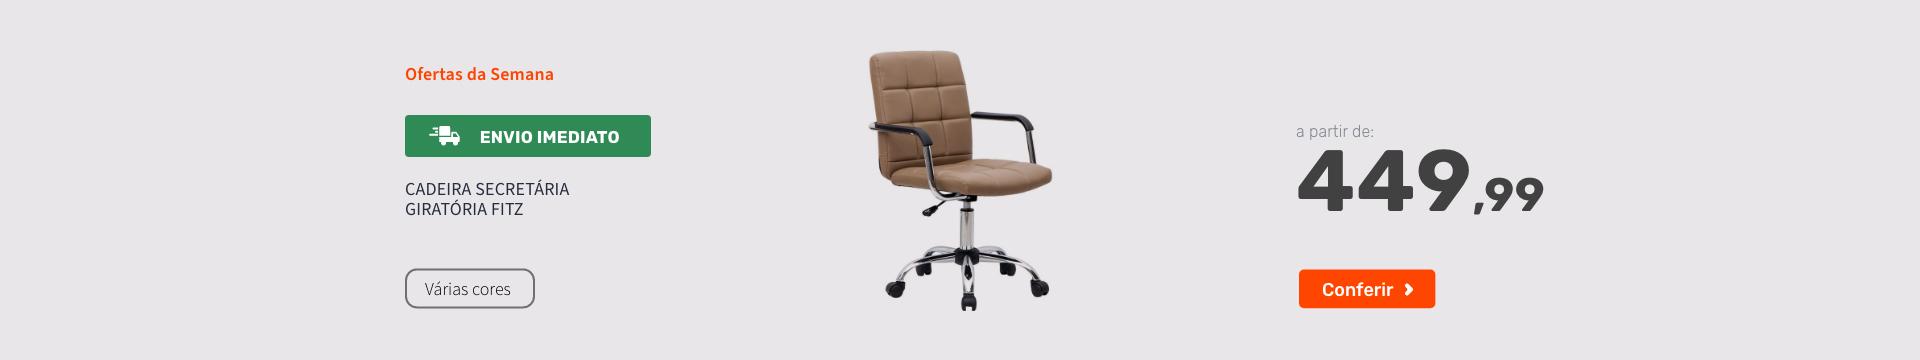 Cadeira Secretária Giratória Fitz - Ofertas especiais